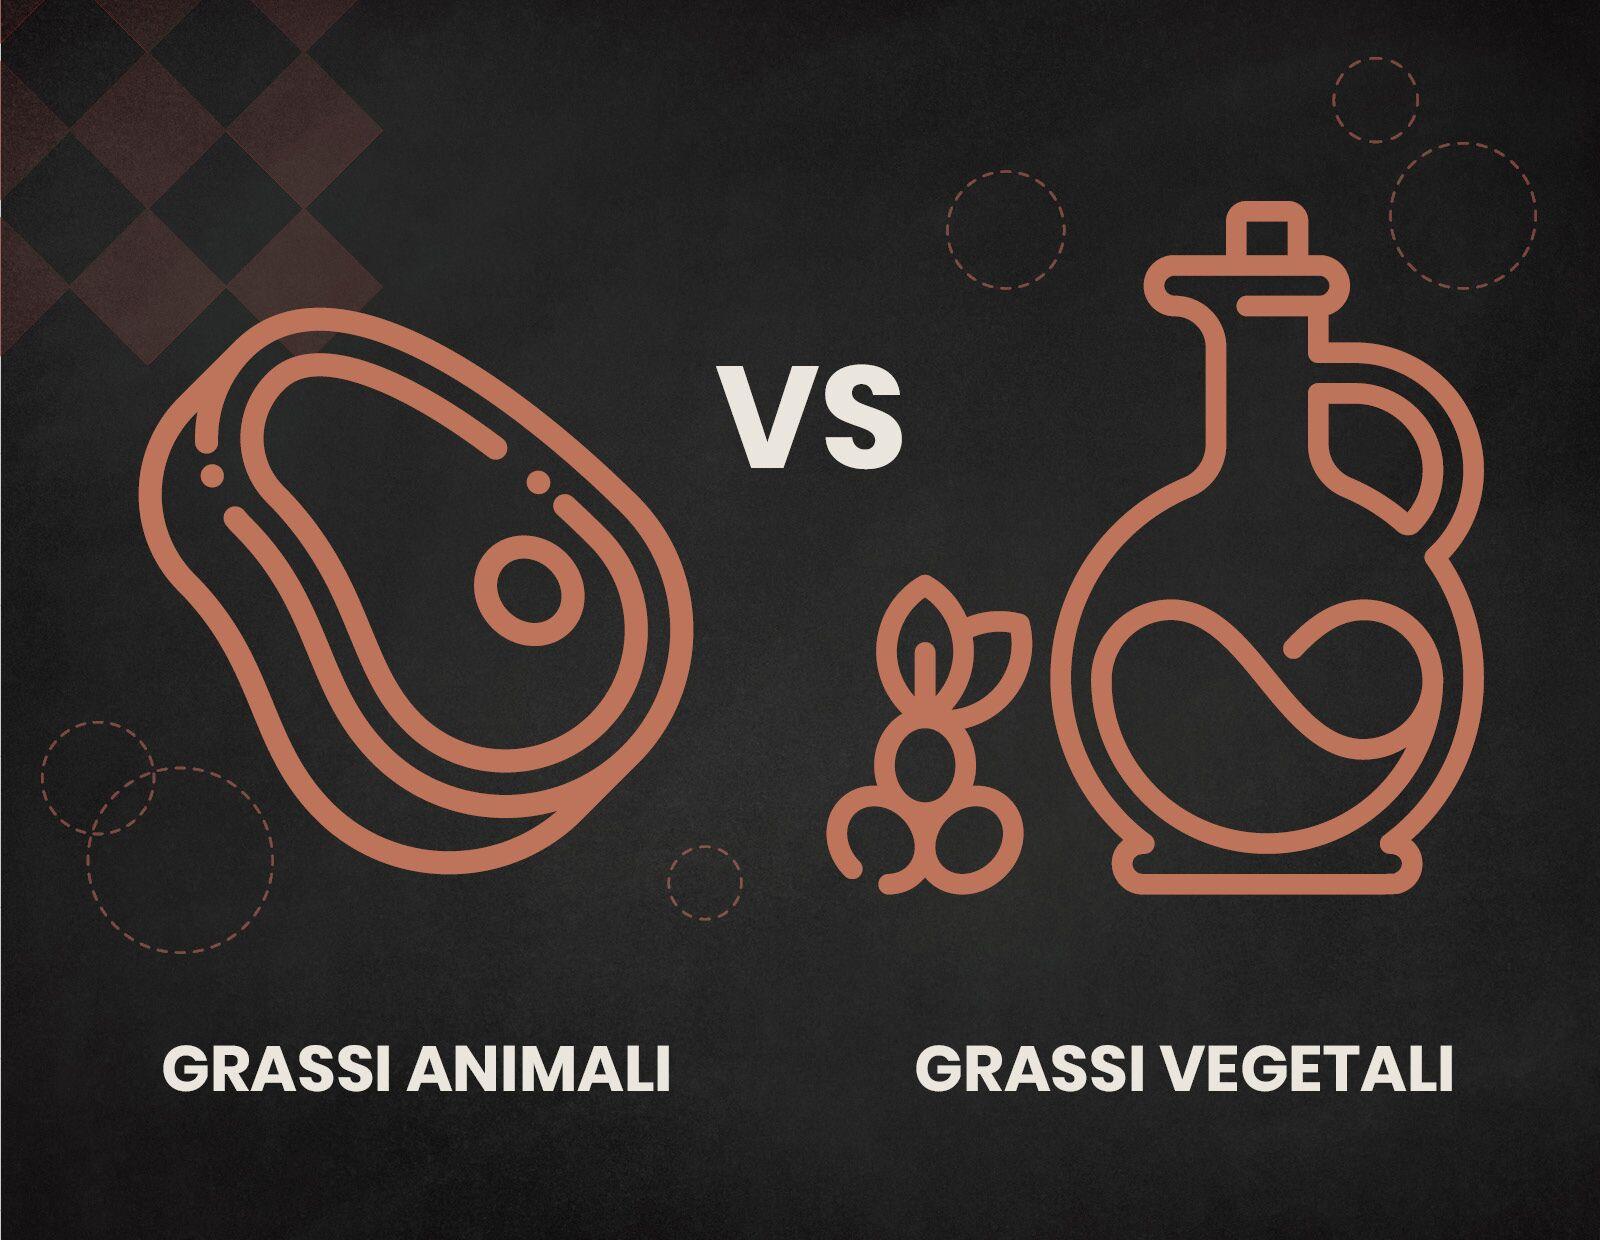 grassi animali grassi vegetali